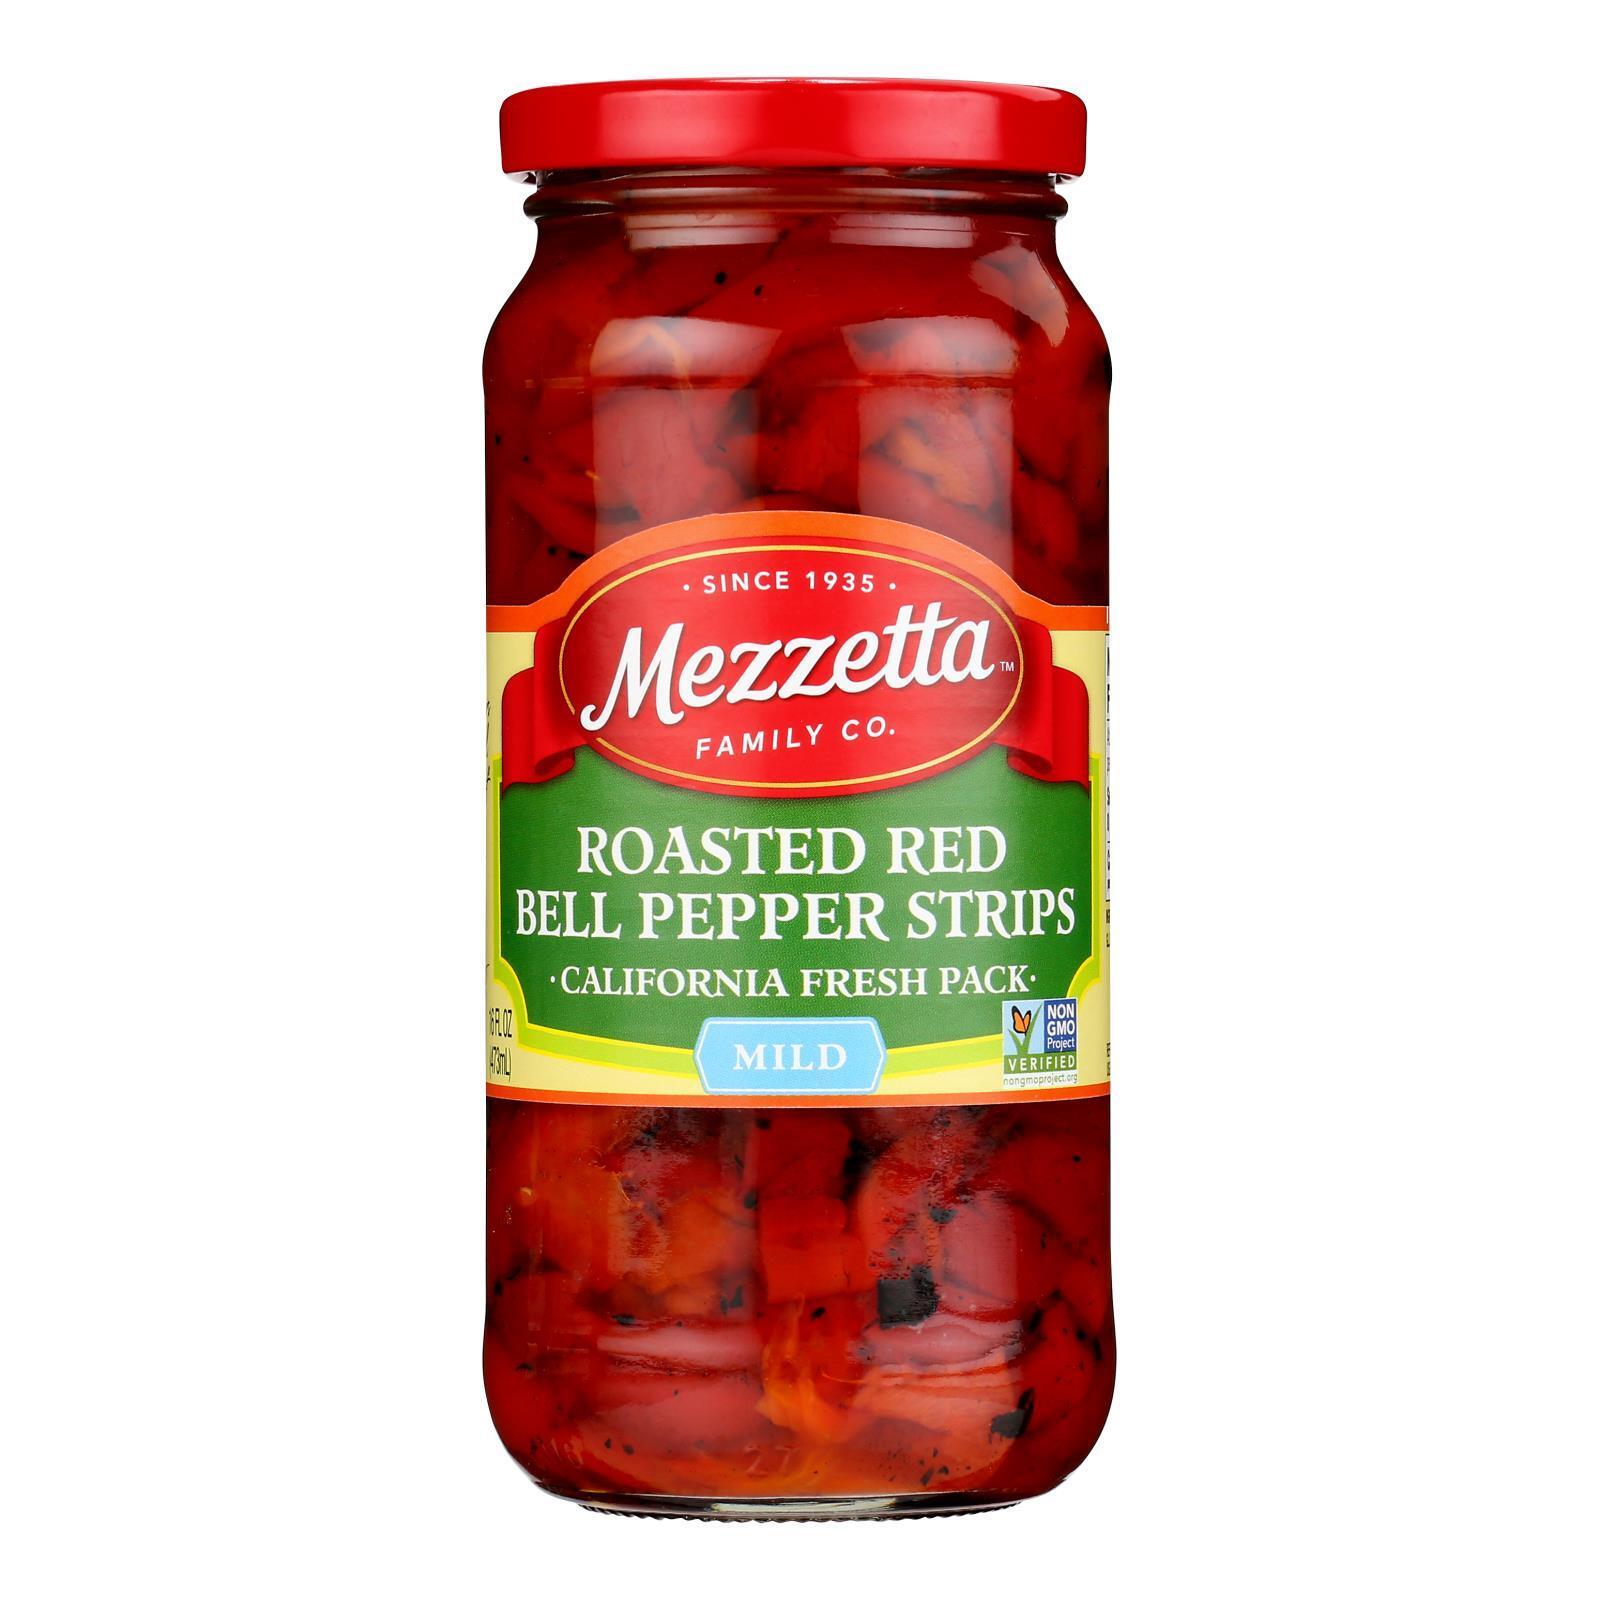 Mezzetta Deli - Sliced Roasted Bell Pepper Strips - Case of 6 - 16 oz.